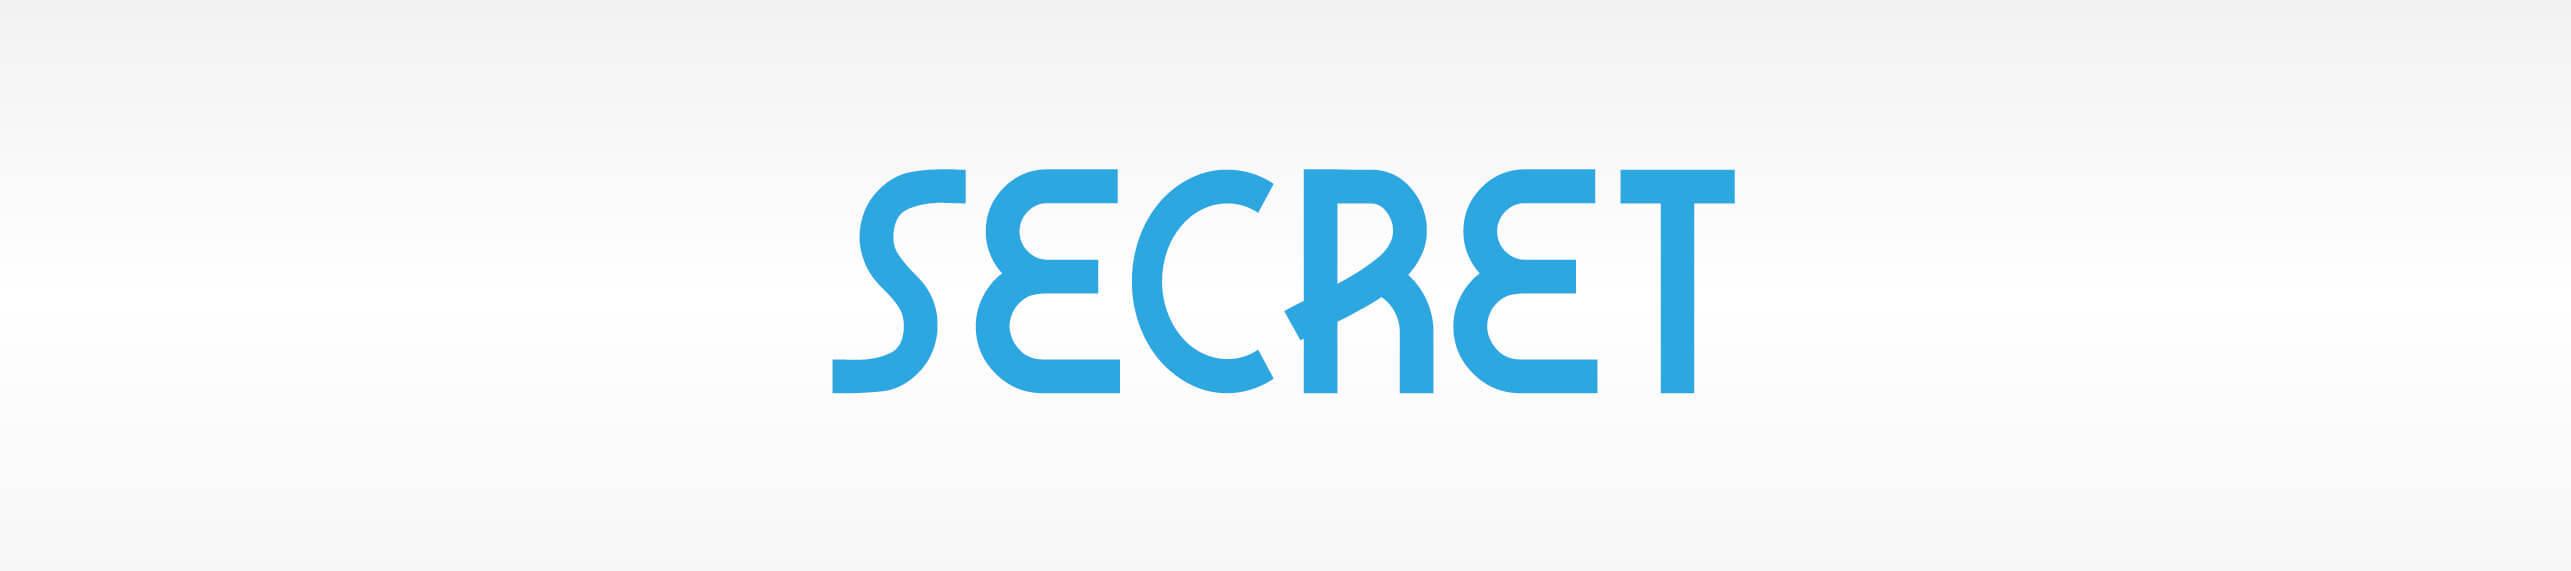 Bnr_secret